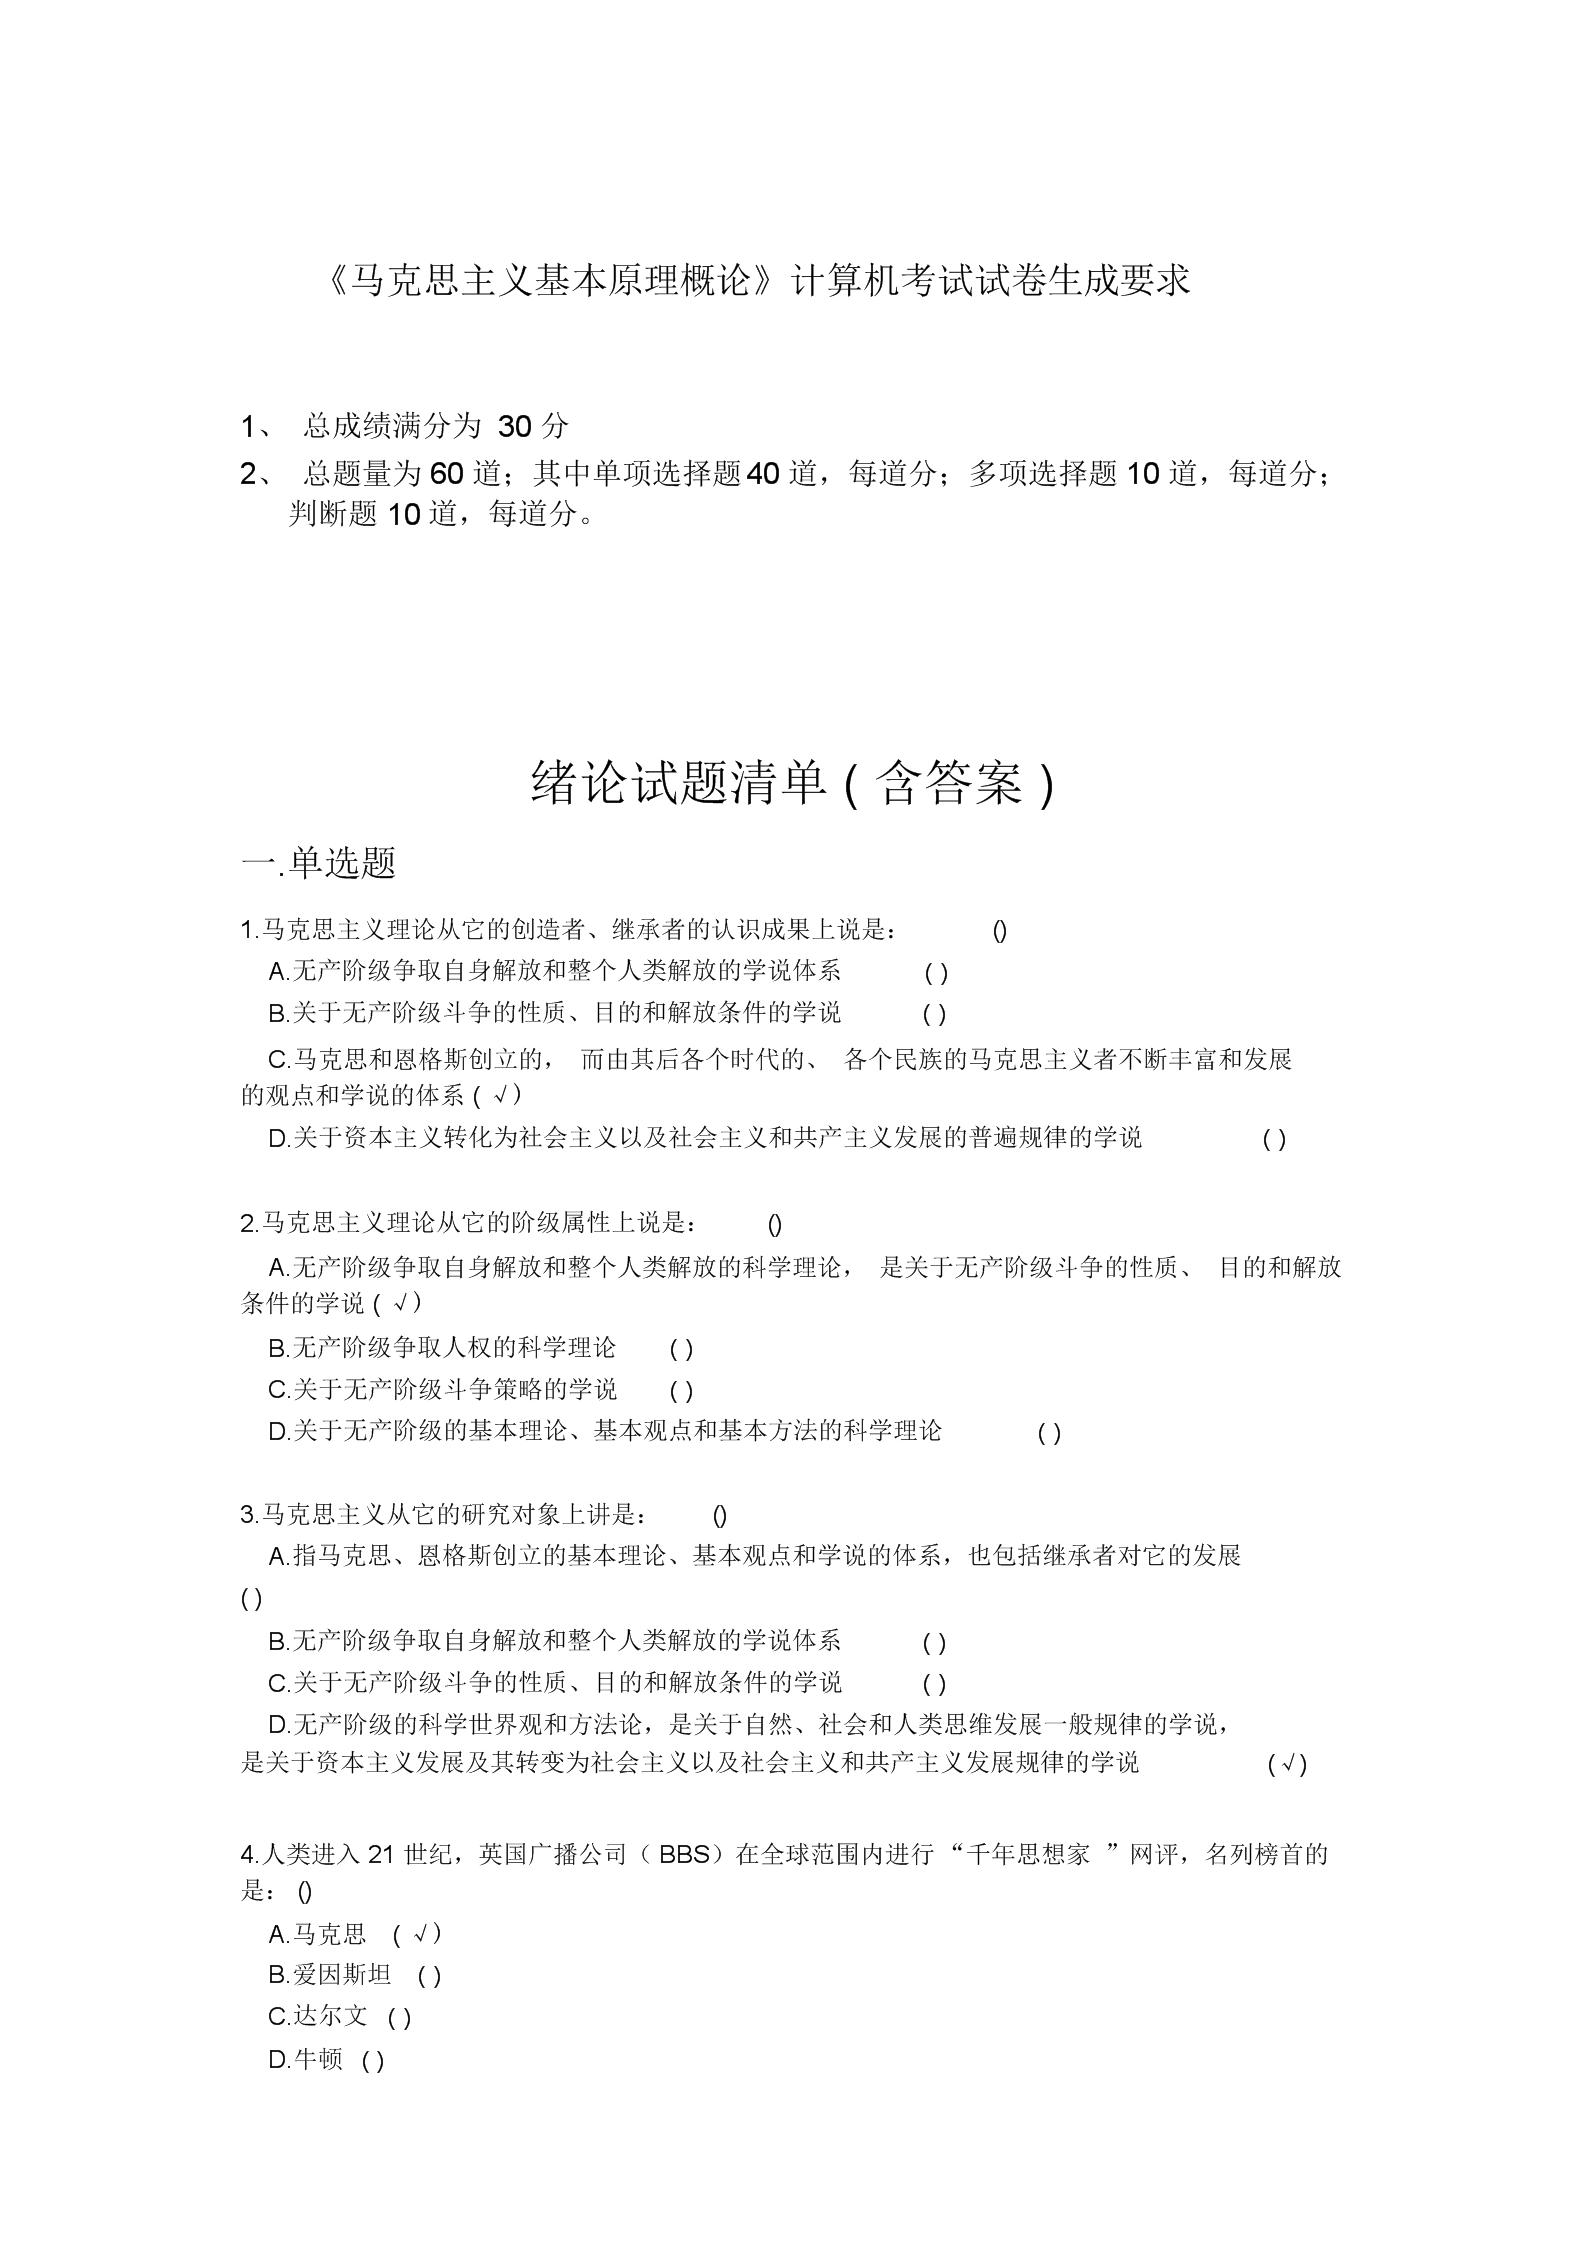 马原课机考试题库绪论试题及答案.docx